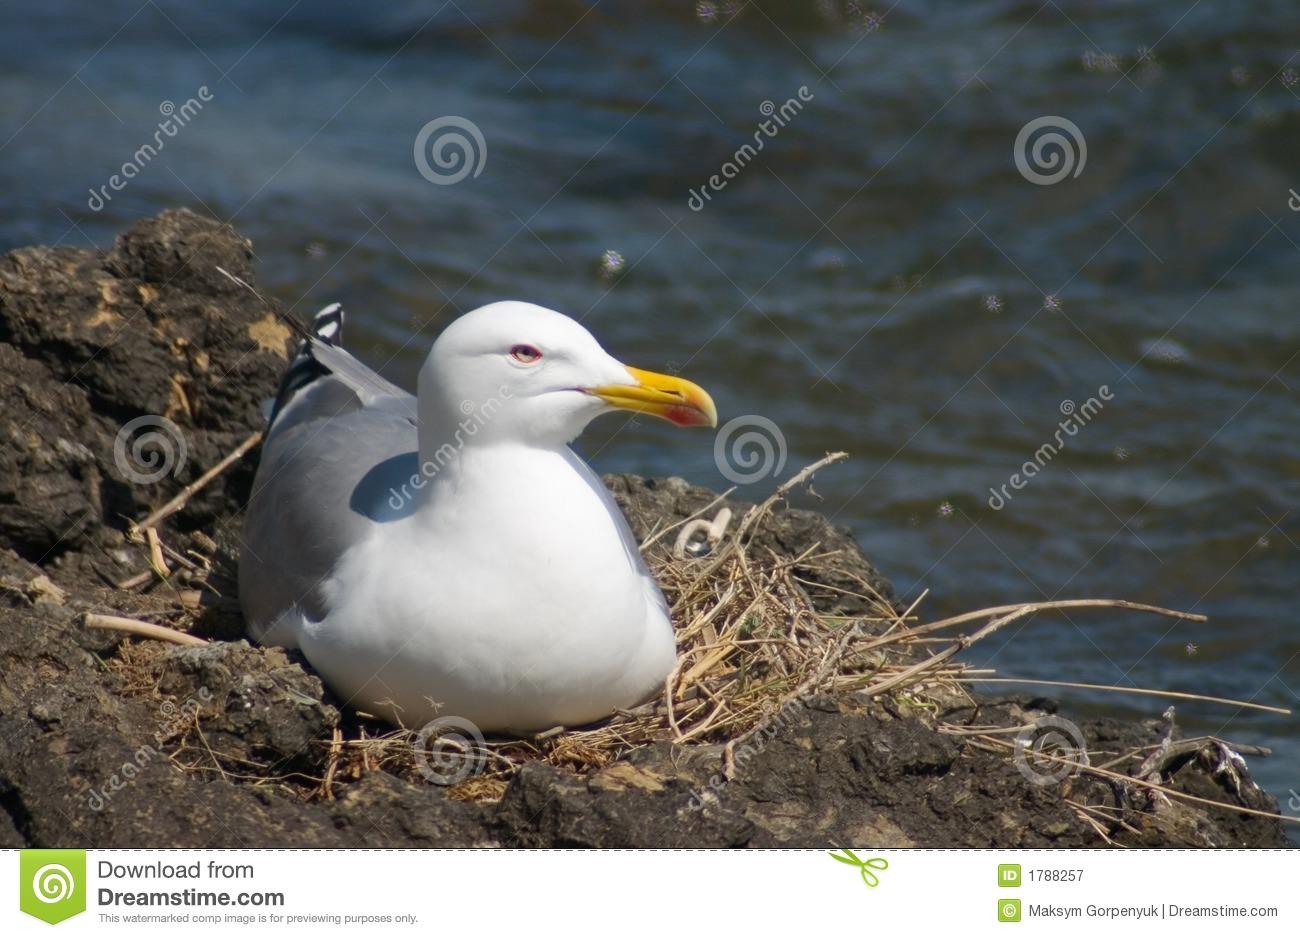 Gull nest clipart #16